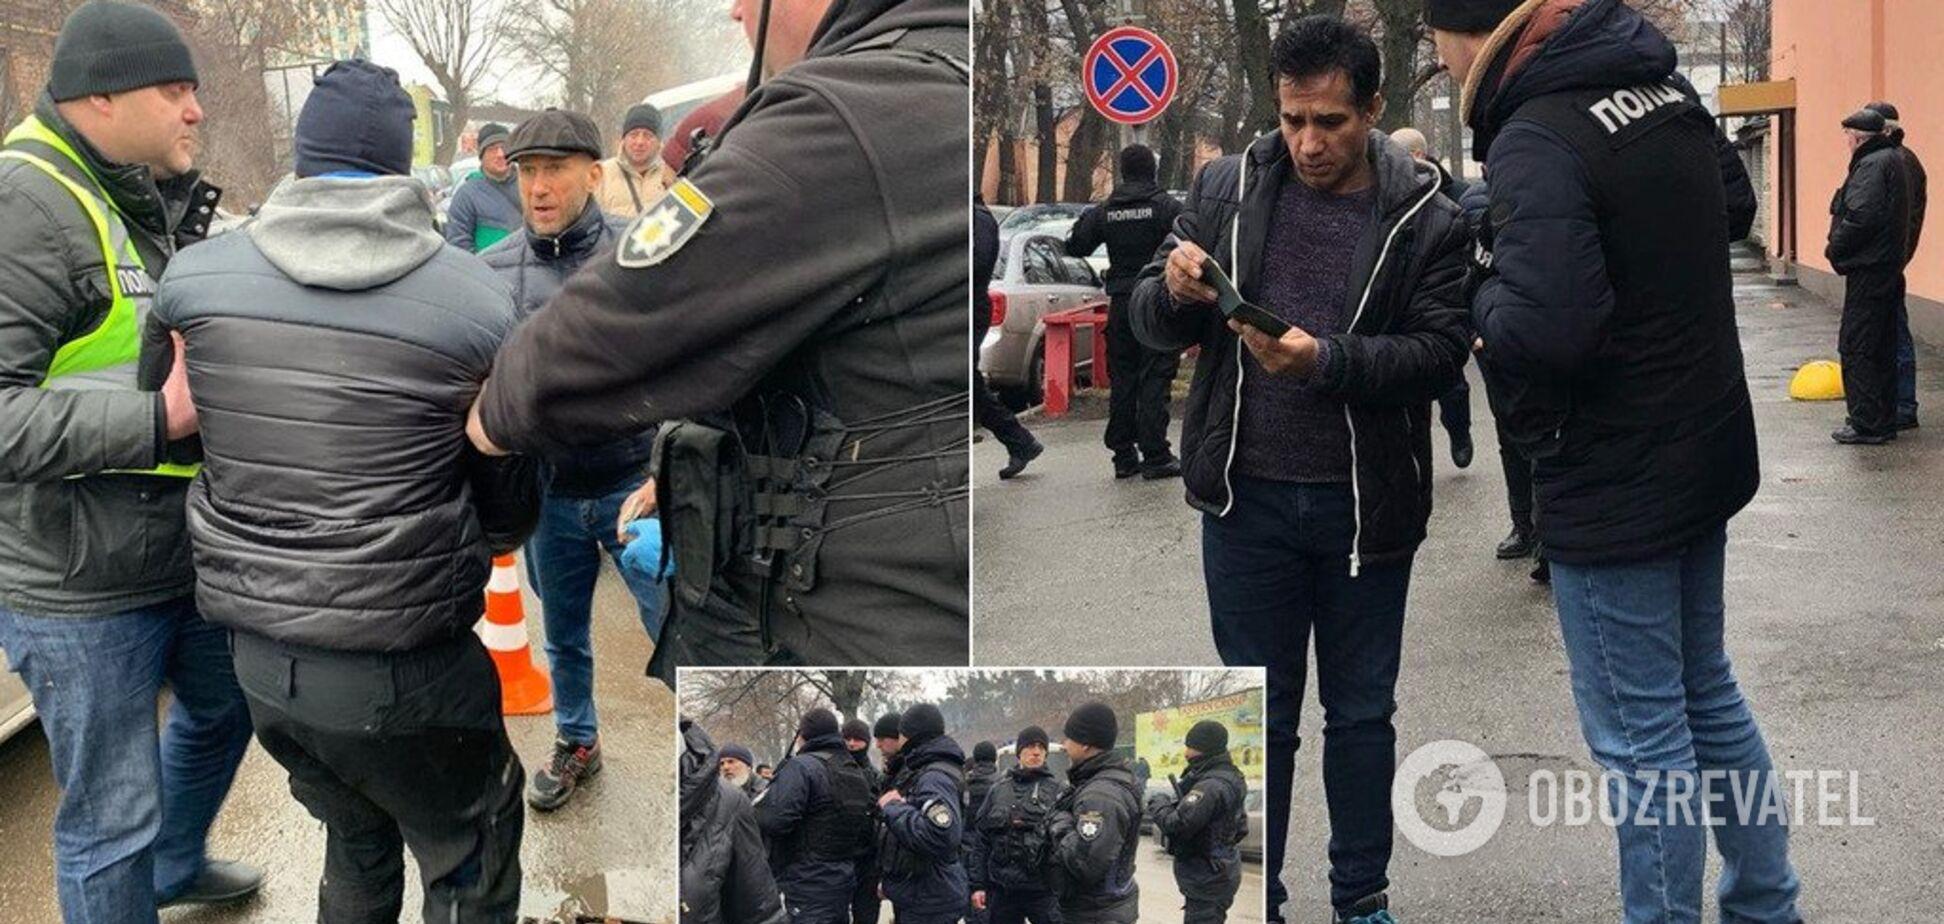 'Аморально і принизливо!' Поліція влаштувала облаву біля мечеті у Києві: фото